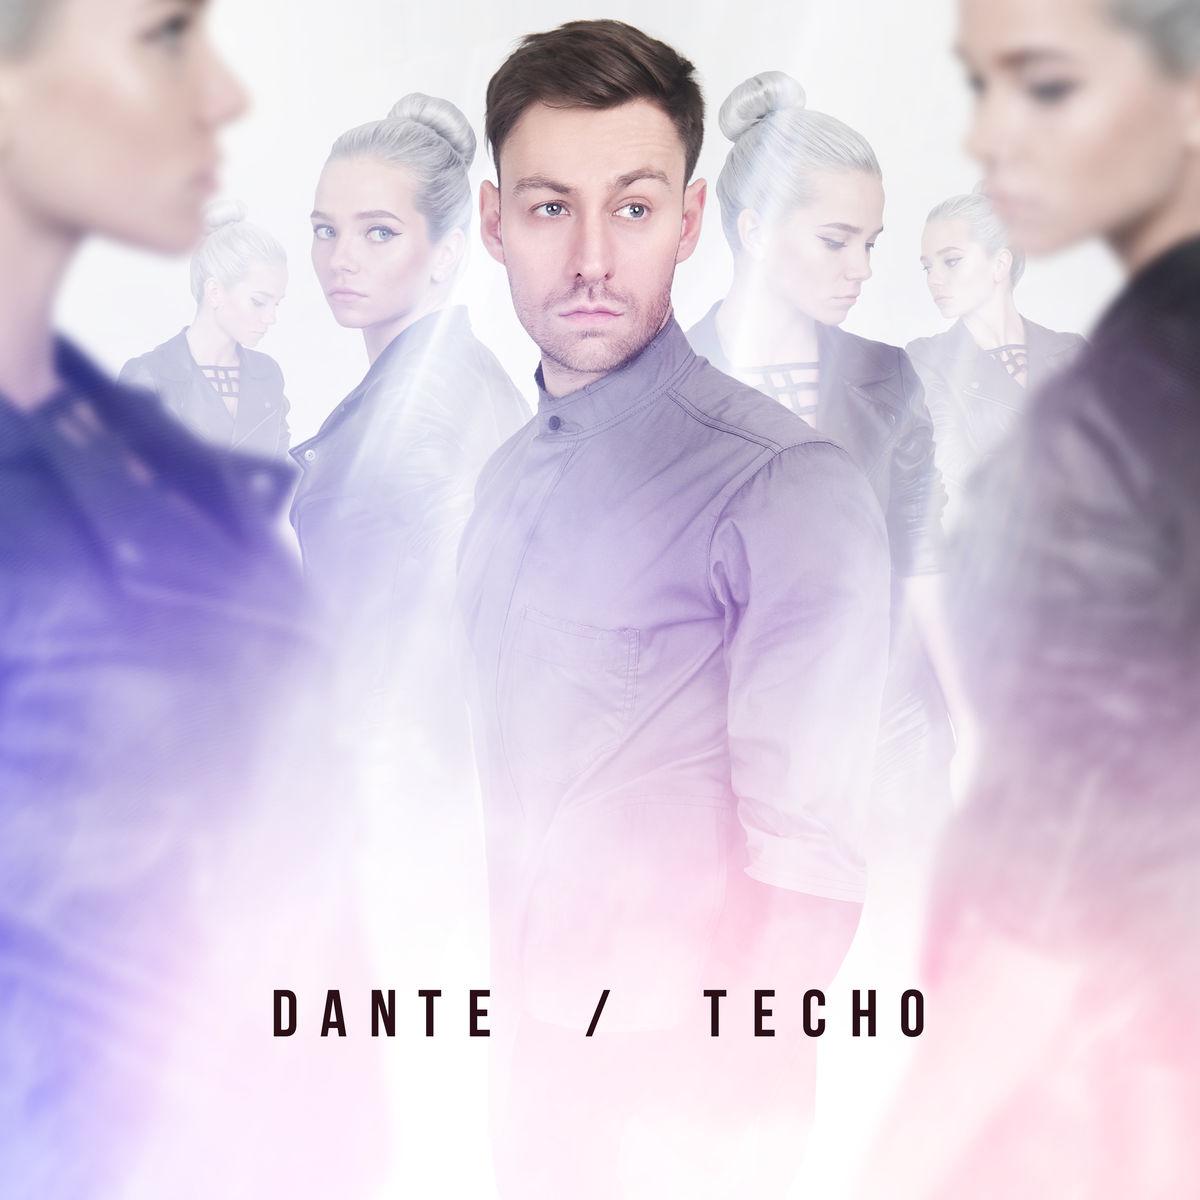 Dante - Тесно, 2017 - Песня и обложка - скачать трек